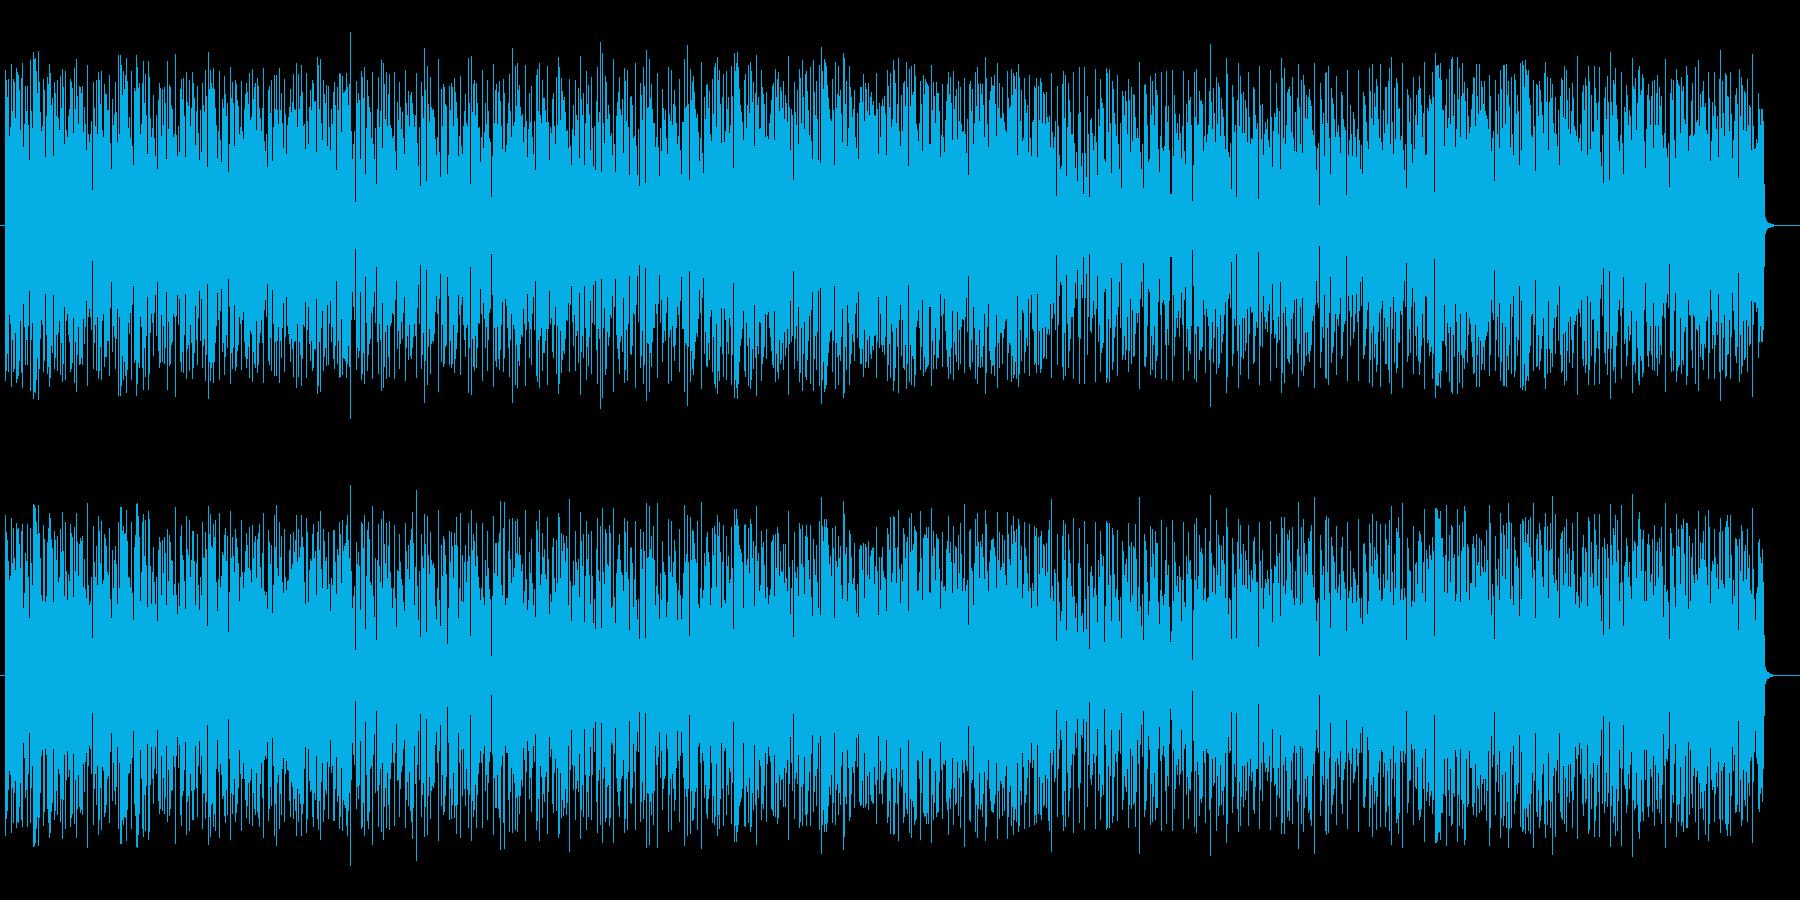 軽快でノリのあるサックスメインのポップの再生済みの波形